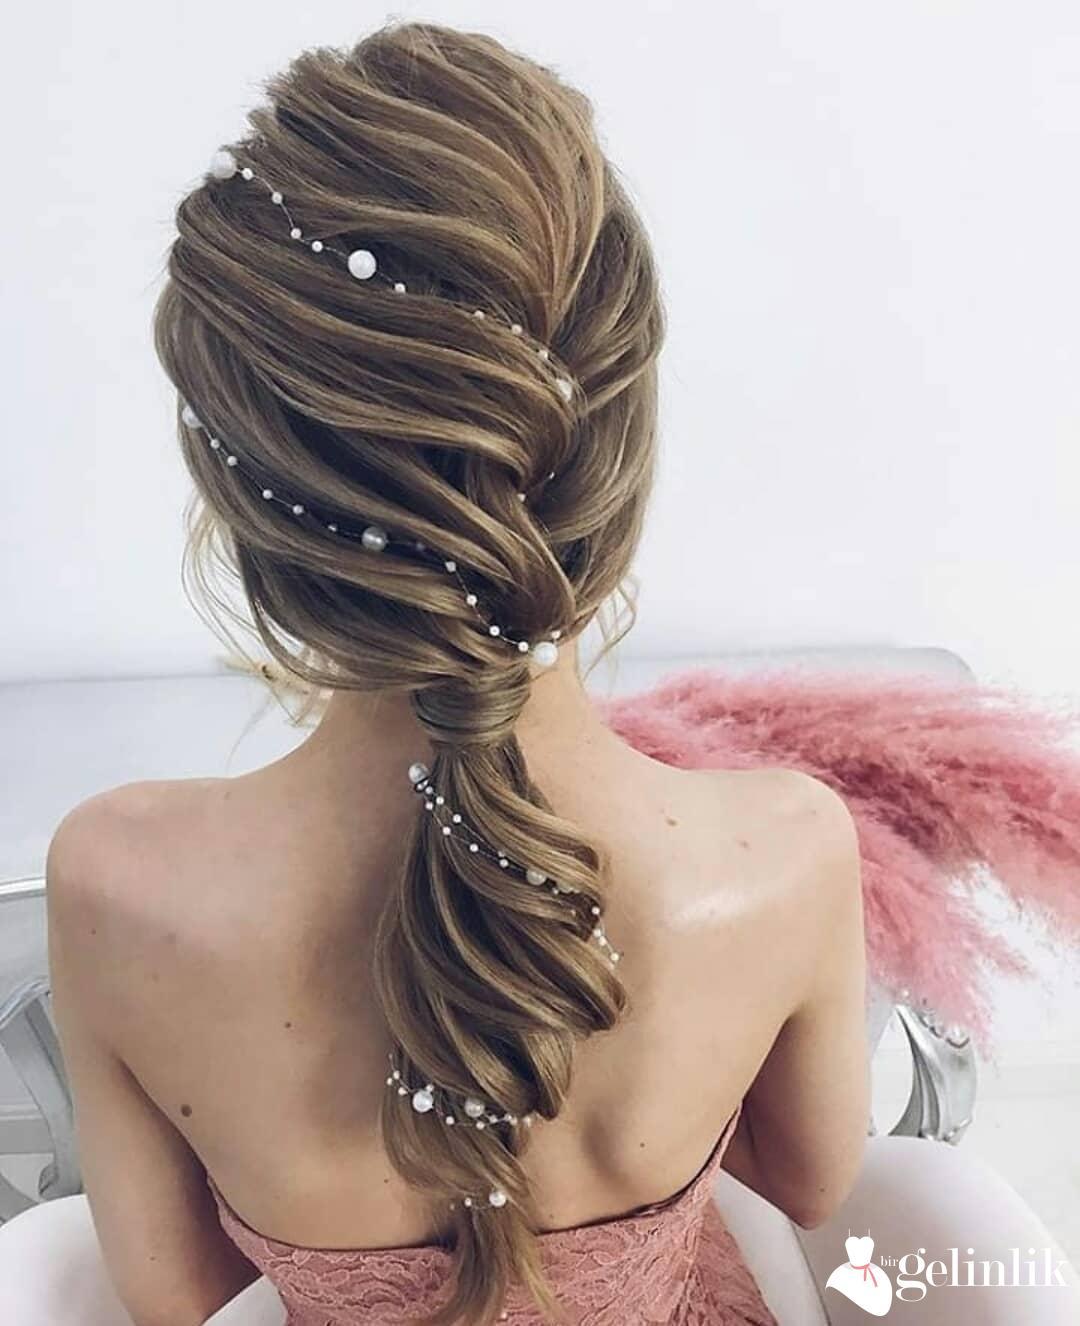 Düğün için Çiçekli Gelin Saç Modelleri